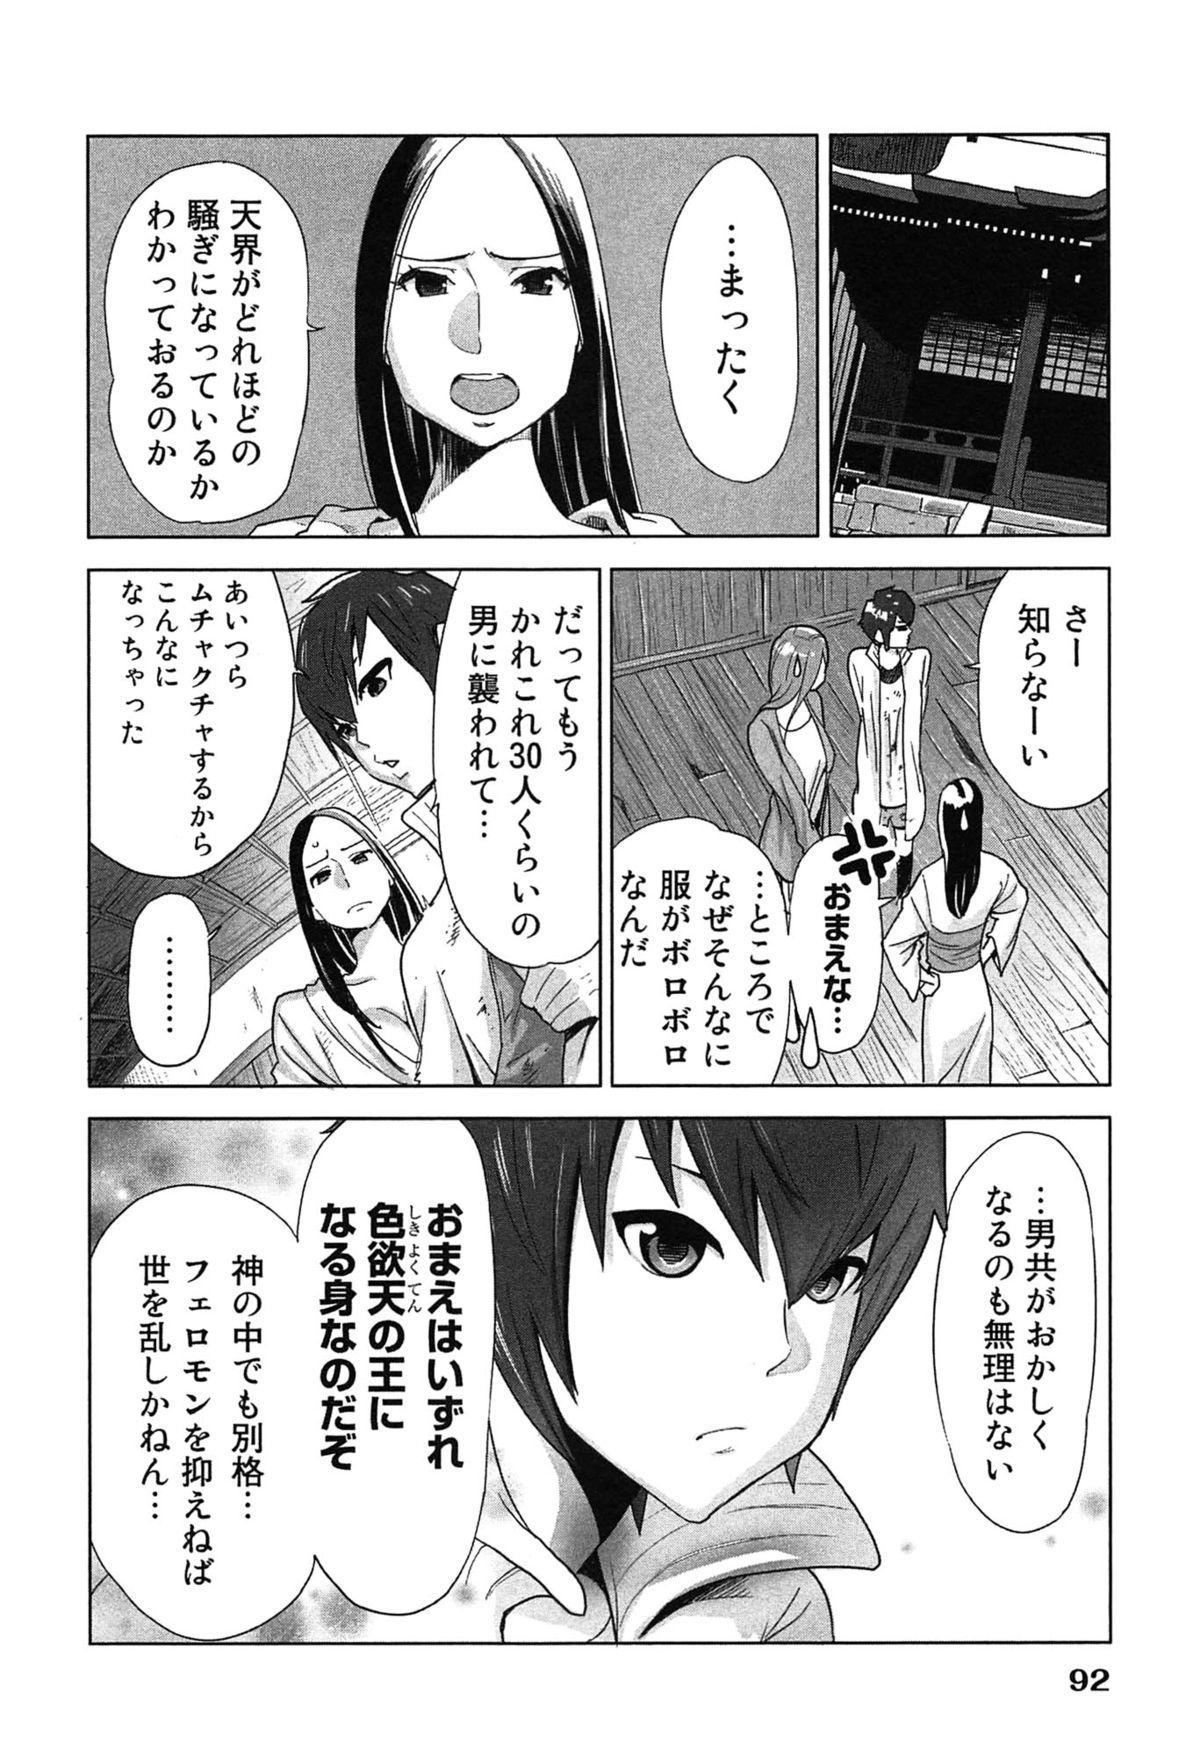 Megami to Ichinen Kura Shite Mita. 2 95